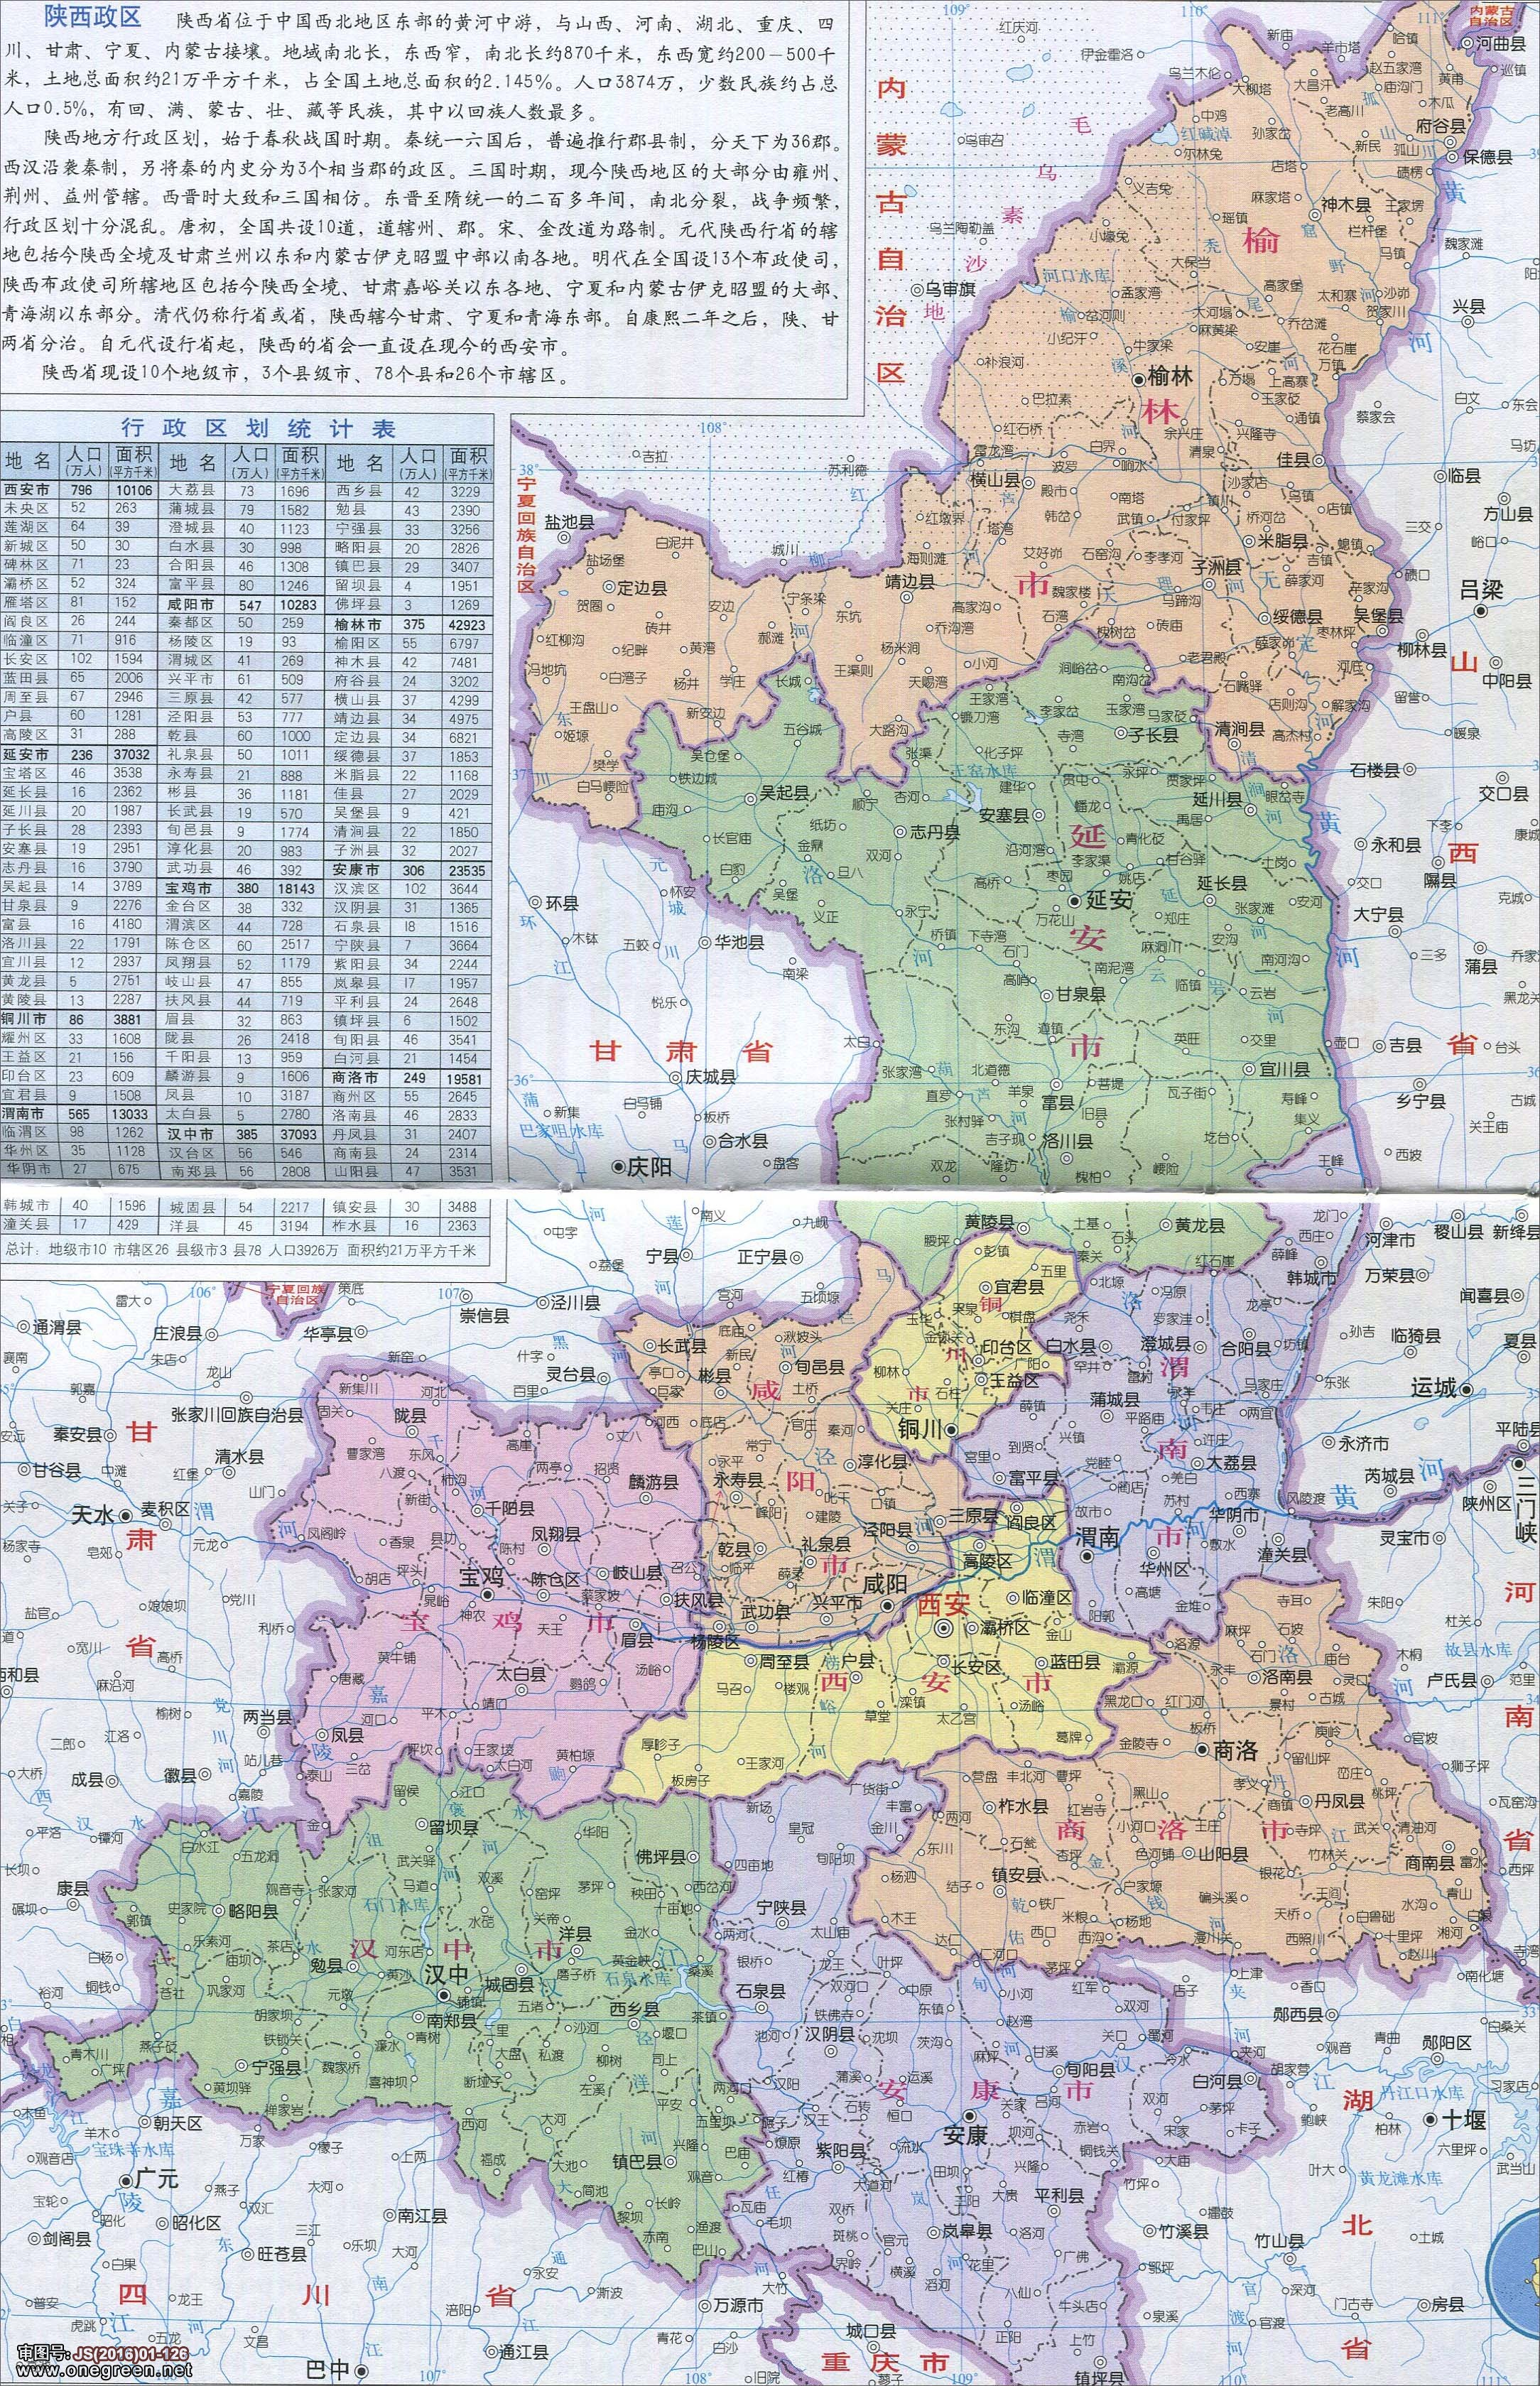 内蒙古地图全图大图_陕西地图全图高清版_地图窝